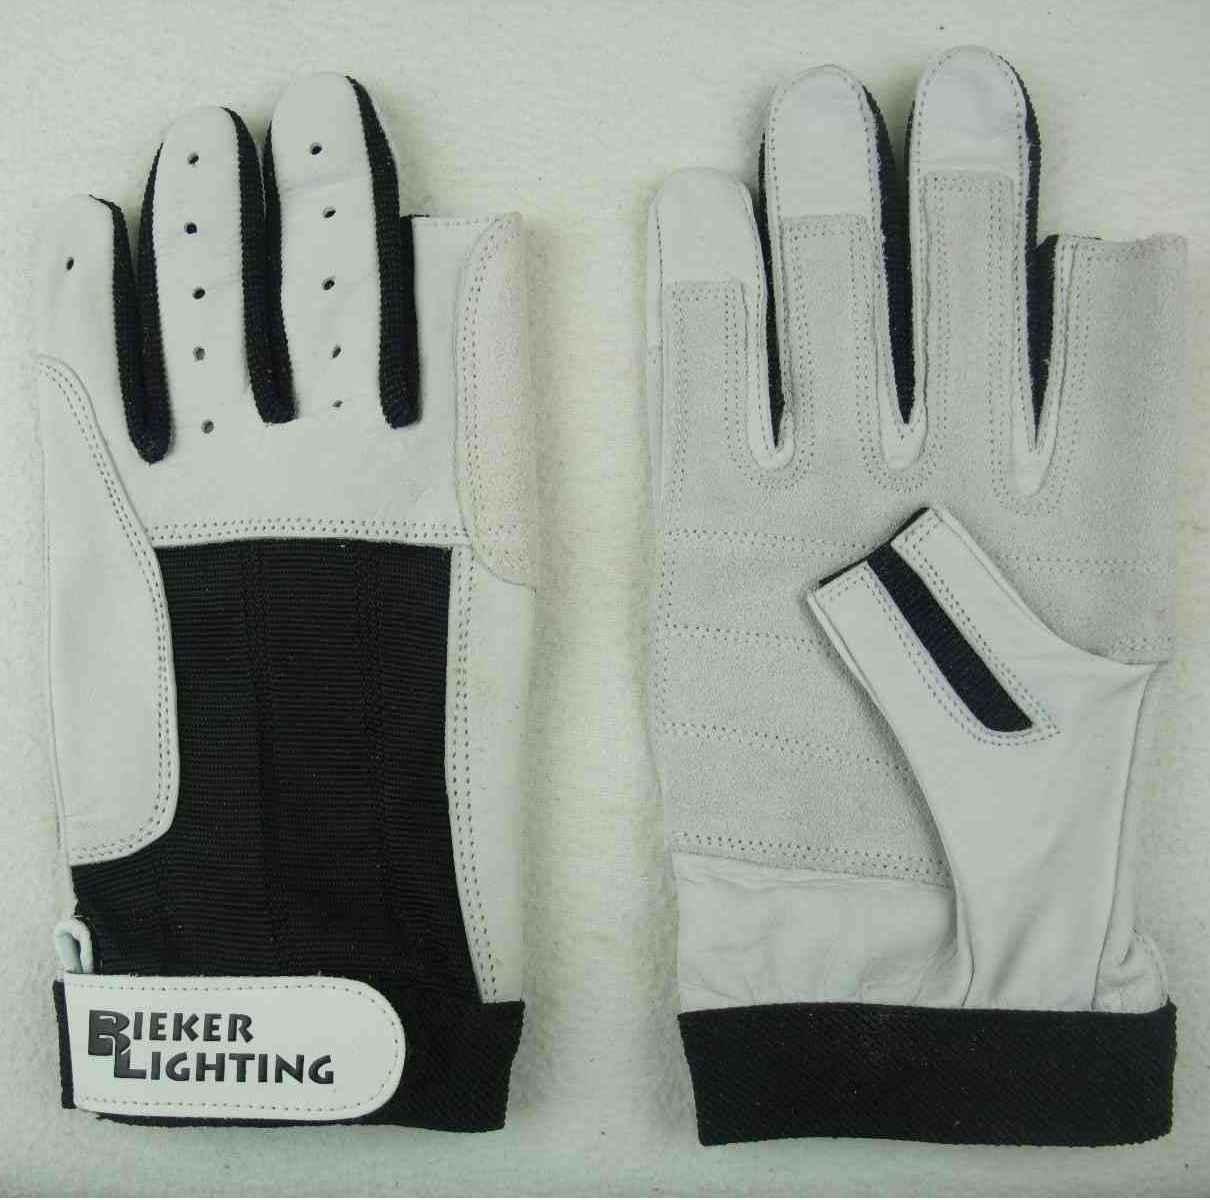 XL fingerlos Rigger Roadie Gloves 2 Pa BluePort Segelhandschuhe Rindsleder Gr